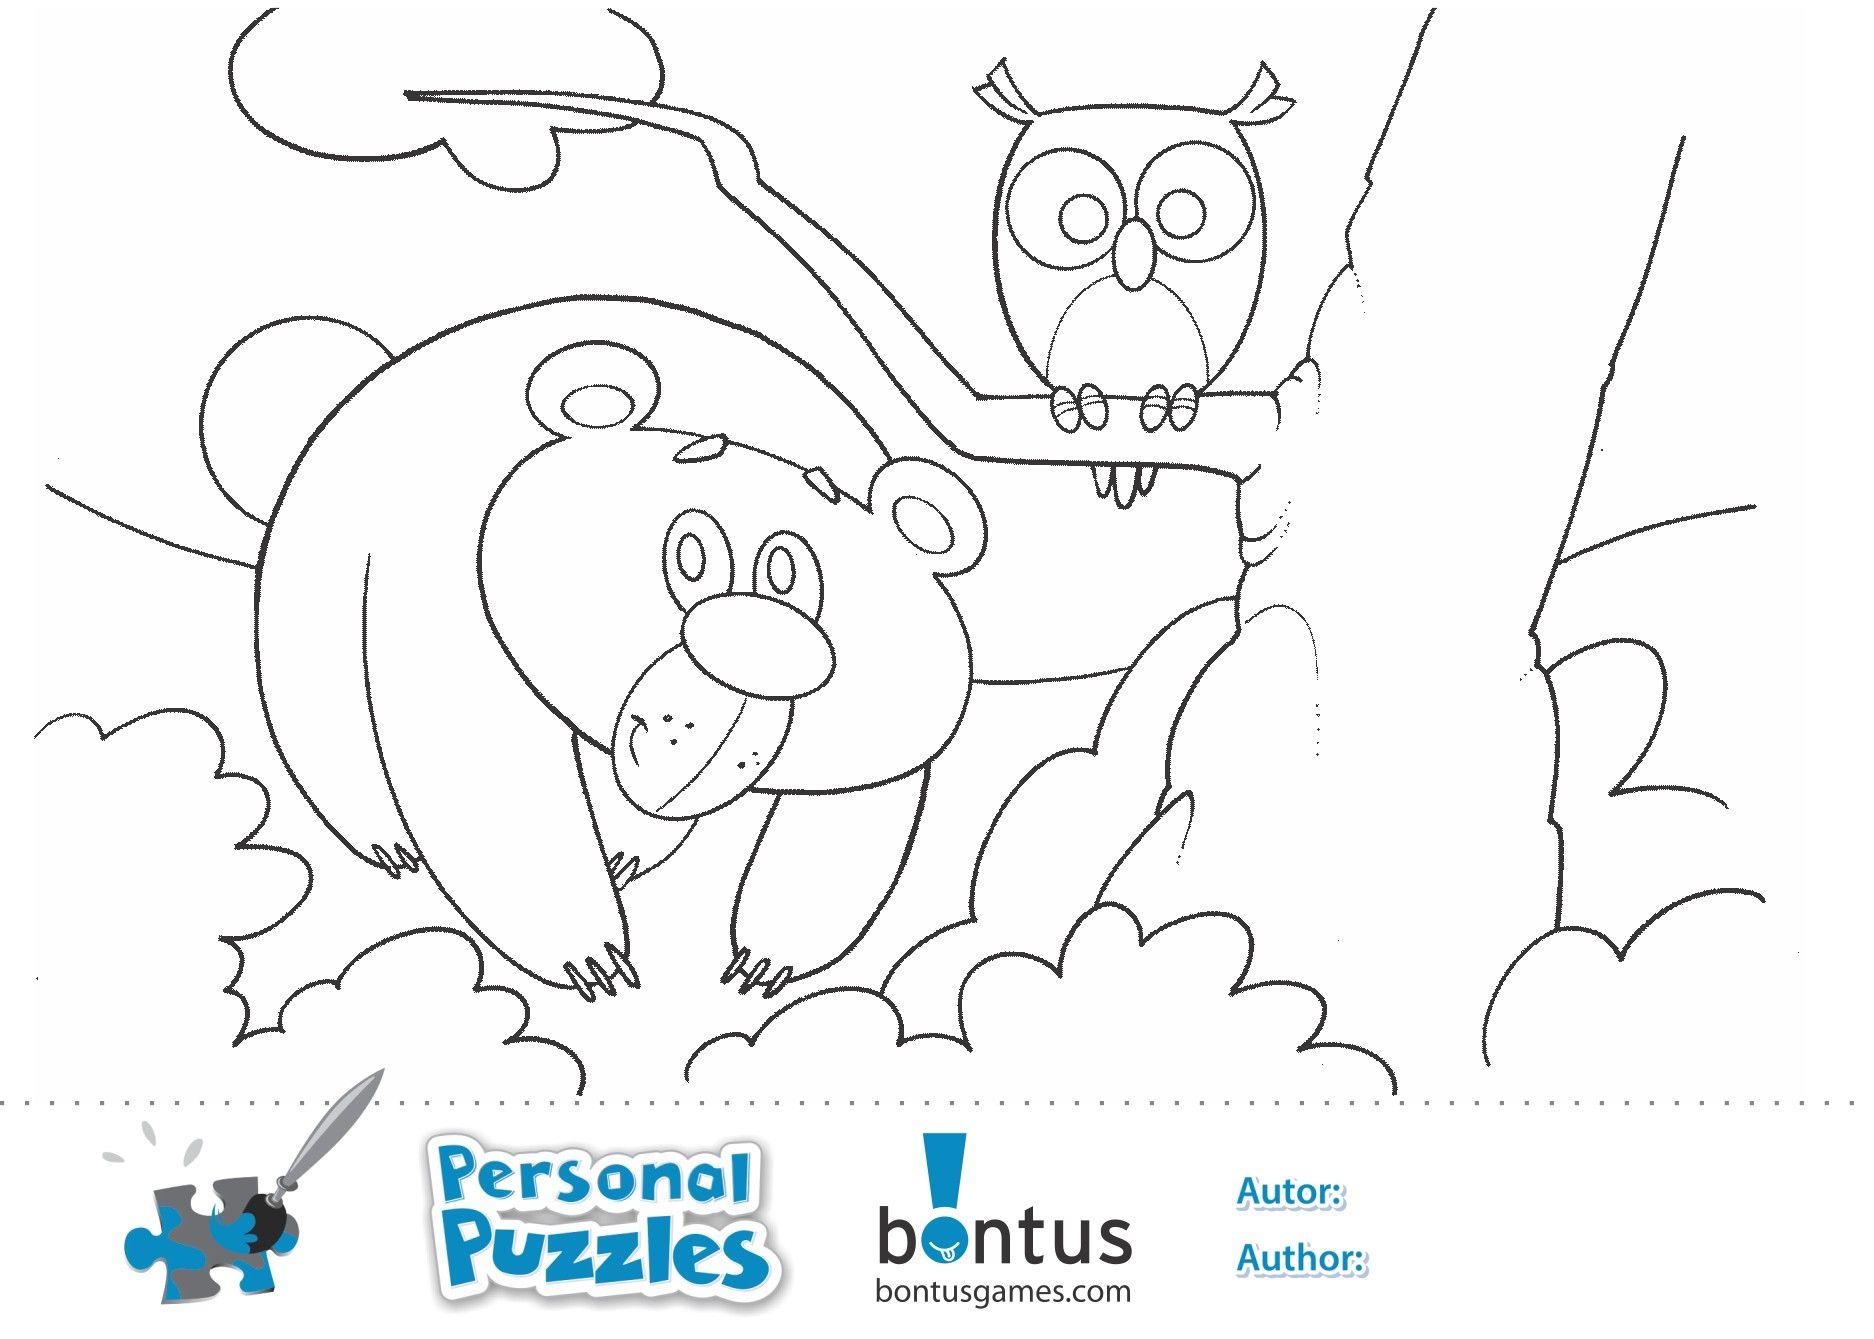 Te divertiste pintando y haciendo tus propios rompecabezas con los Personal Puzzles? Compartí tus creaciones con nosotros! http://bit.ly/2fmQOVi